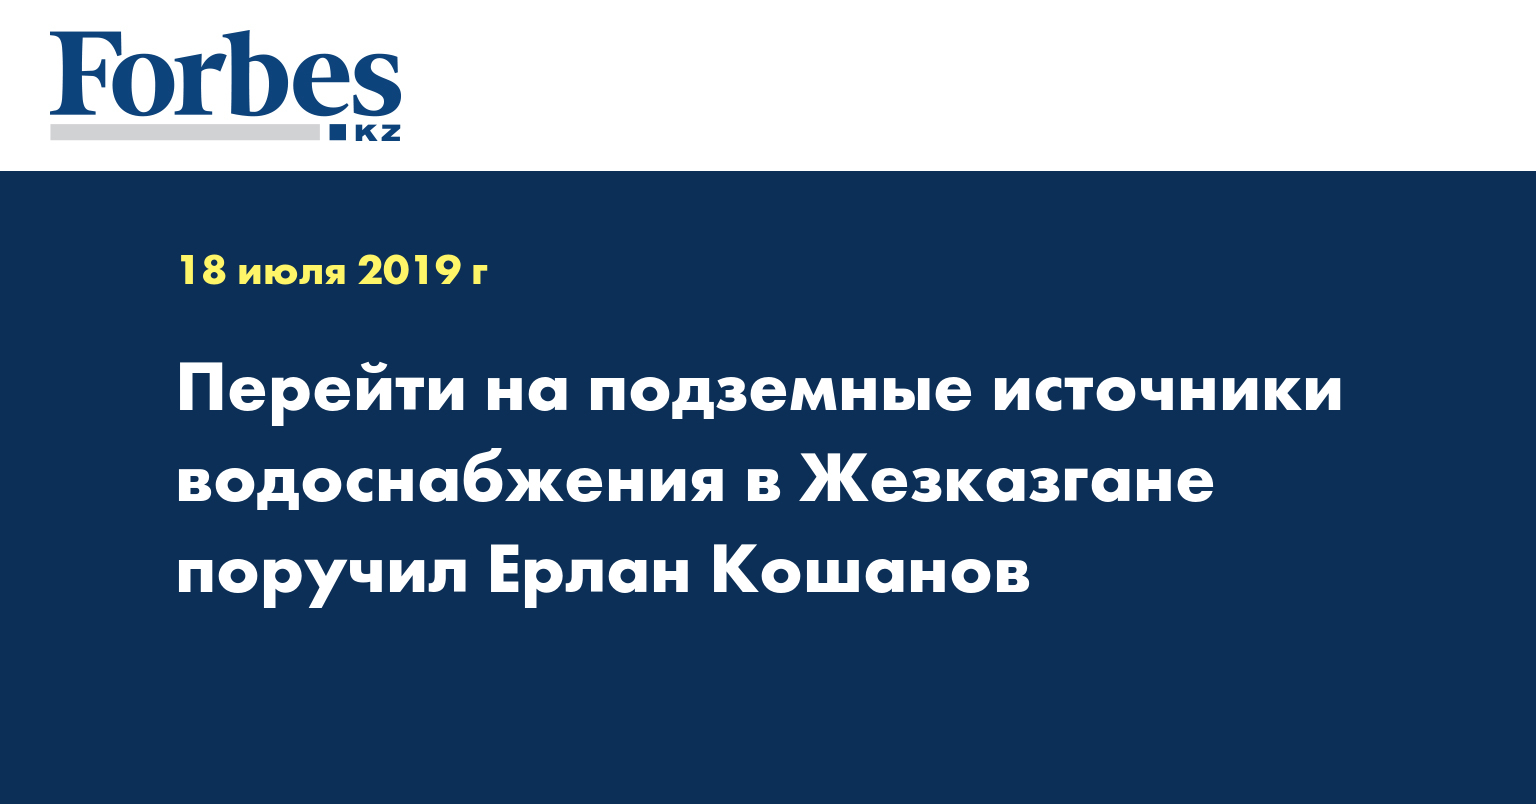 Перейти на подземные источники водоснабжения в Жезказгане поручил Ерлан Кошанов